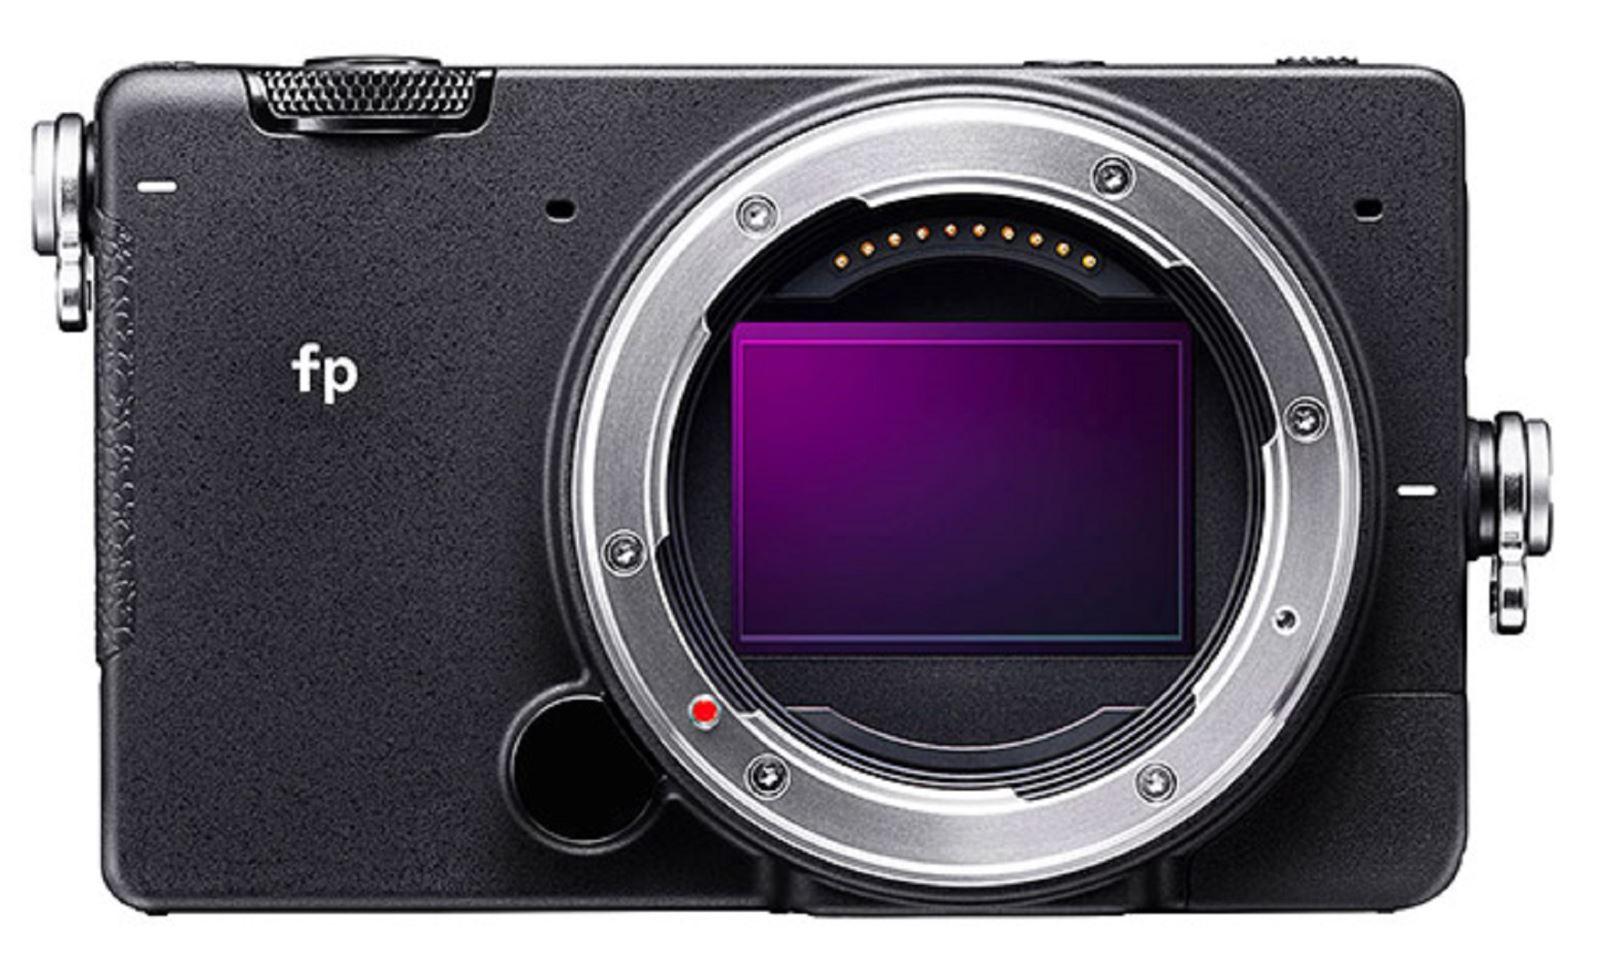 Sigma ra mắt fp: Chiếcmáy ảnh Mirrorless Full frame nhỏ nhất thế giới